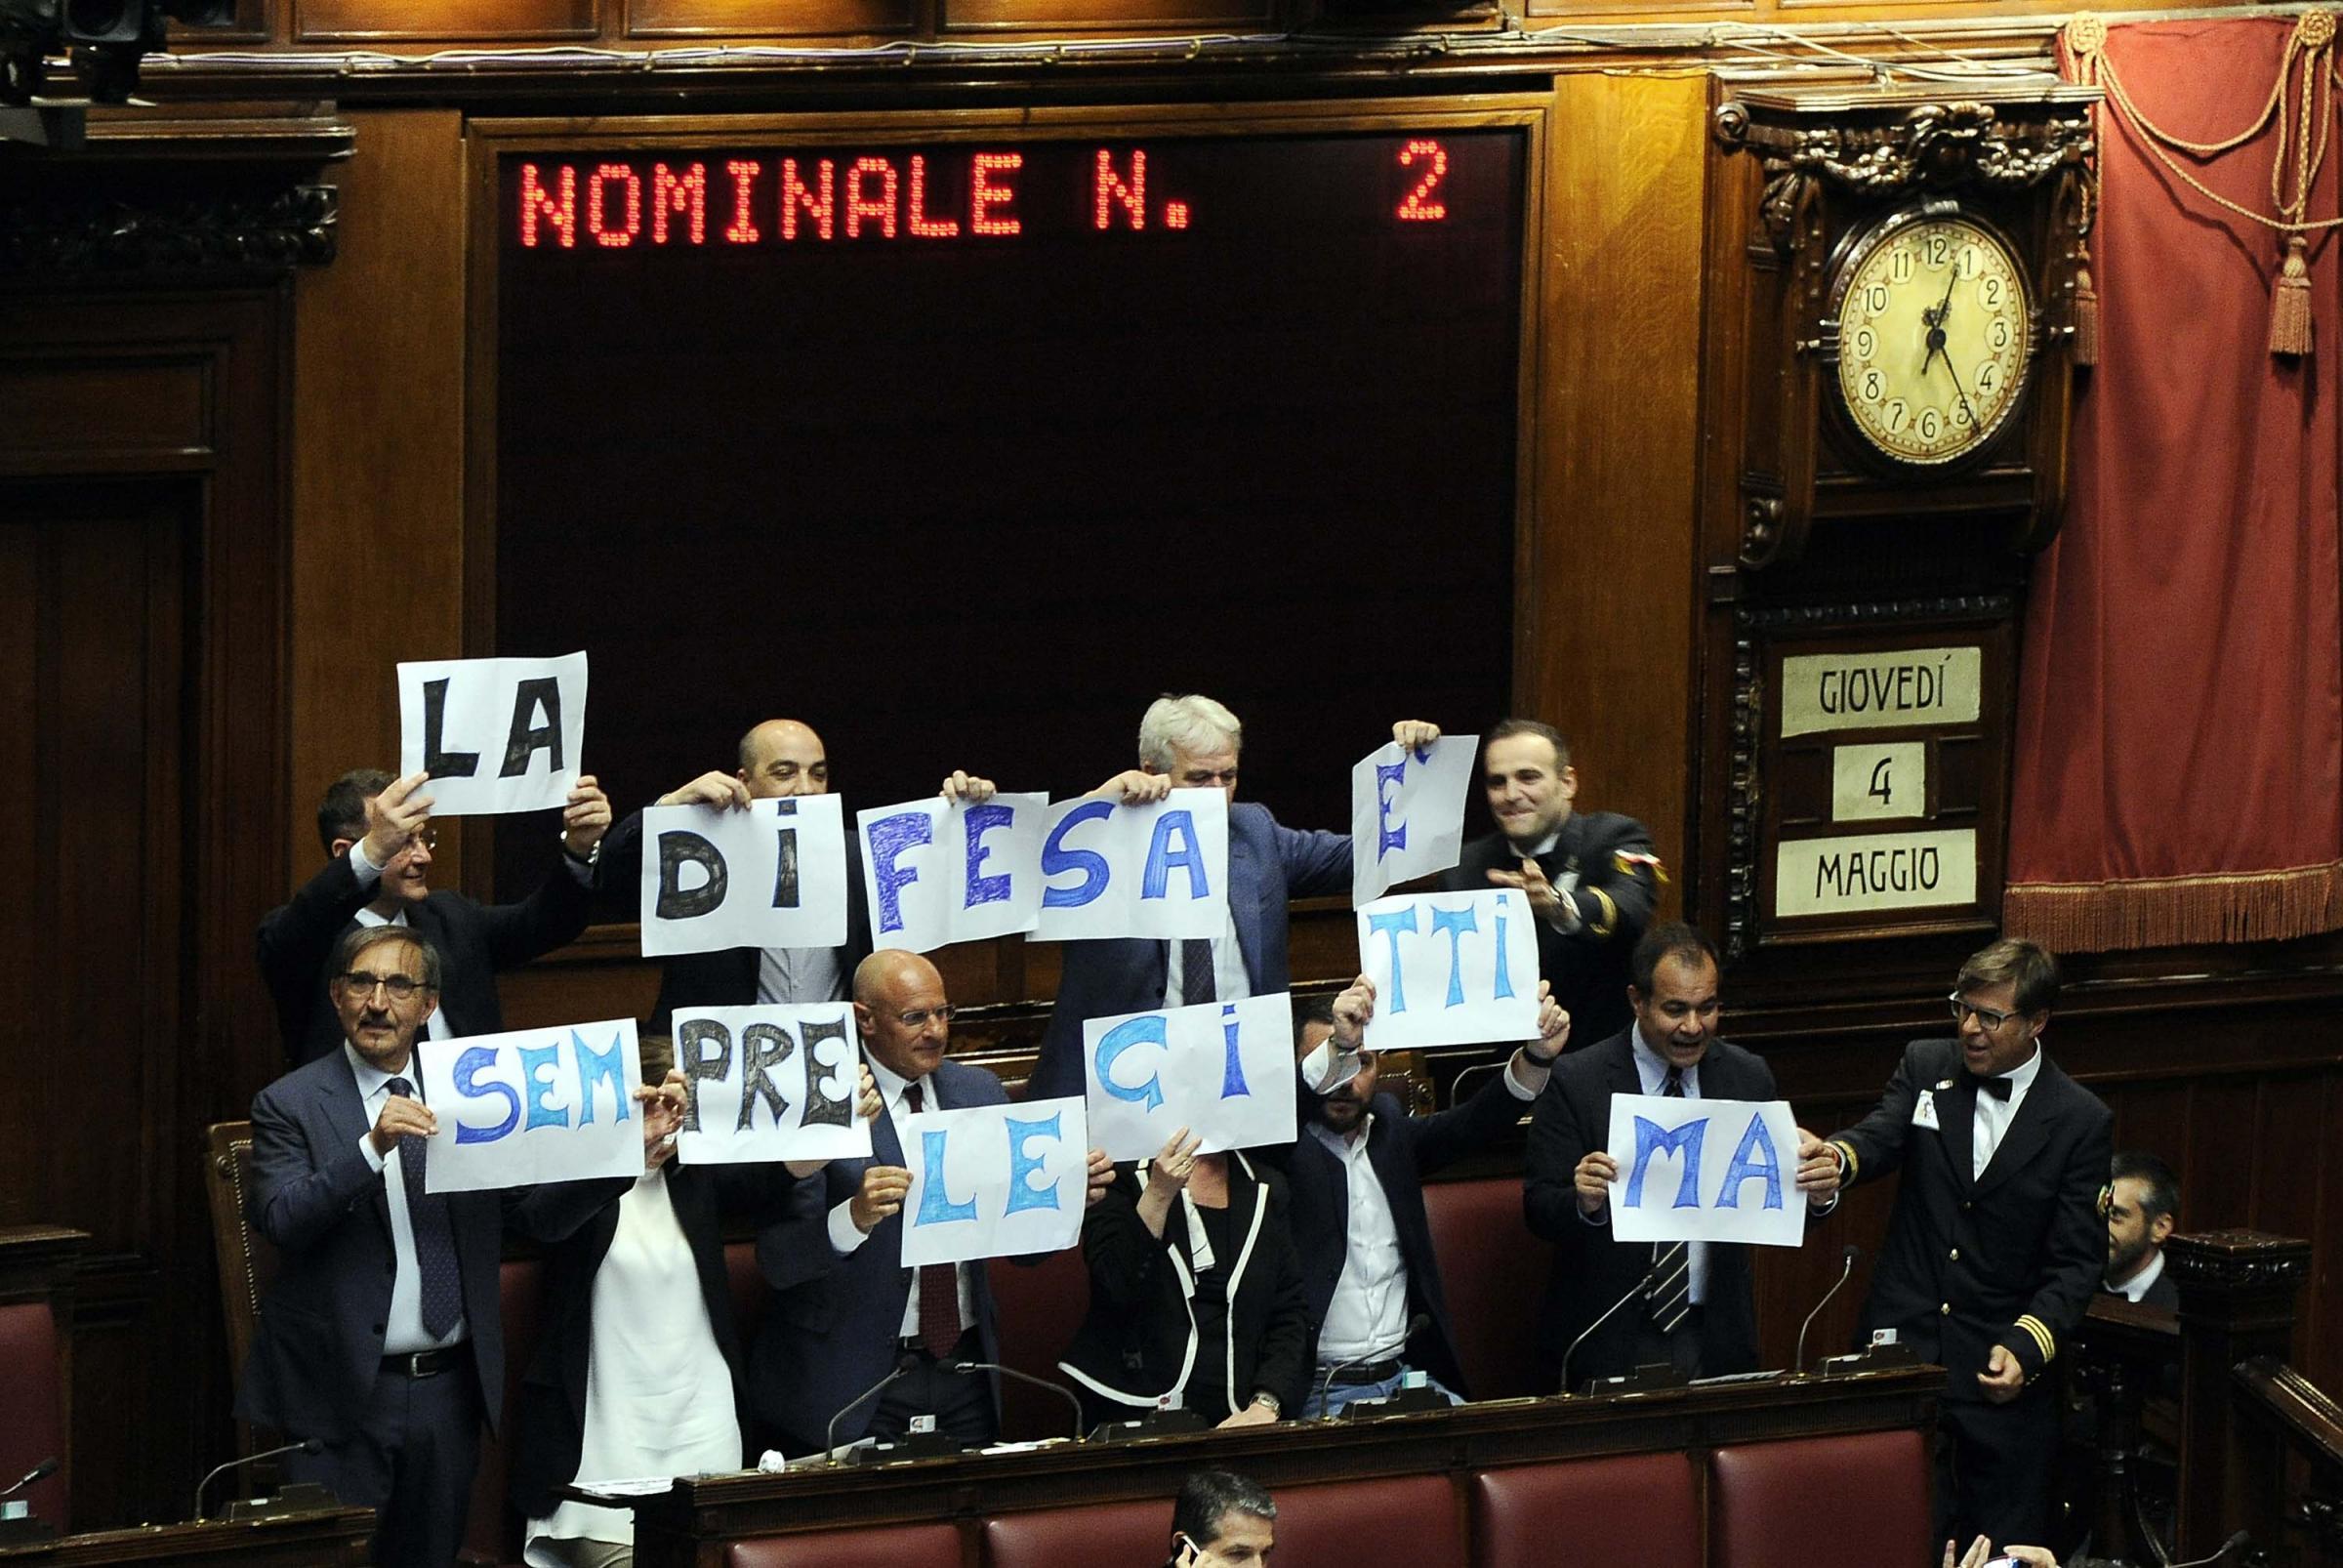 Legittima difesa: ok della Camera, testo passa al Senato. Cosa cambia con la nuova legge?